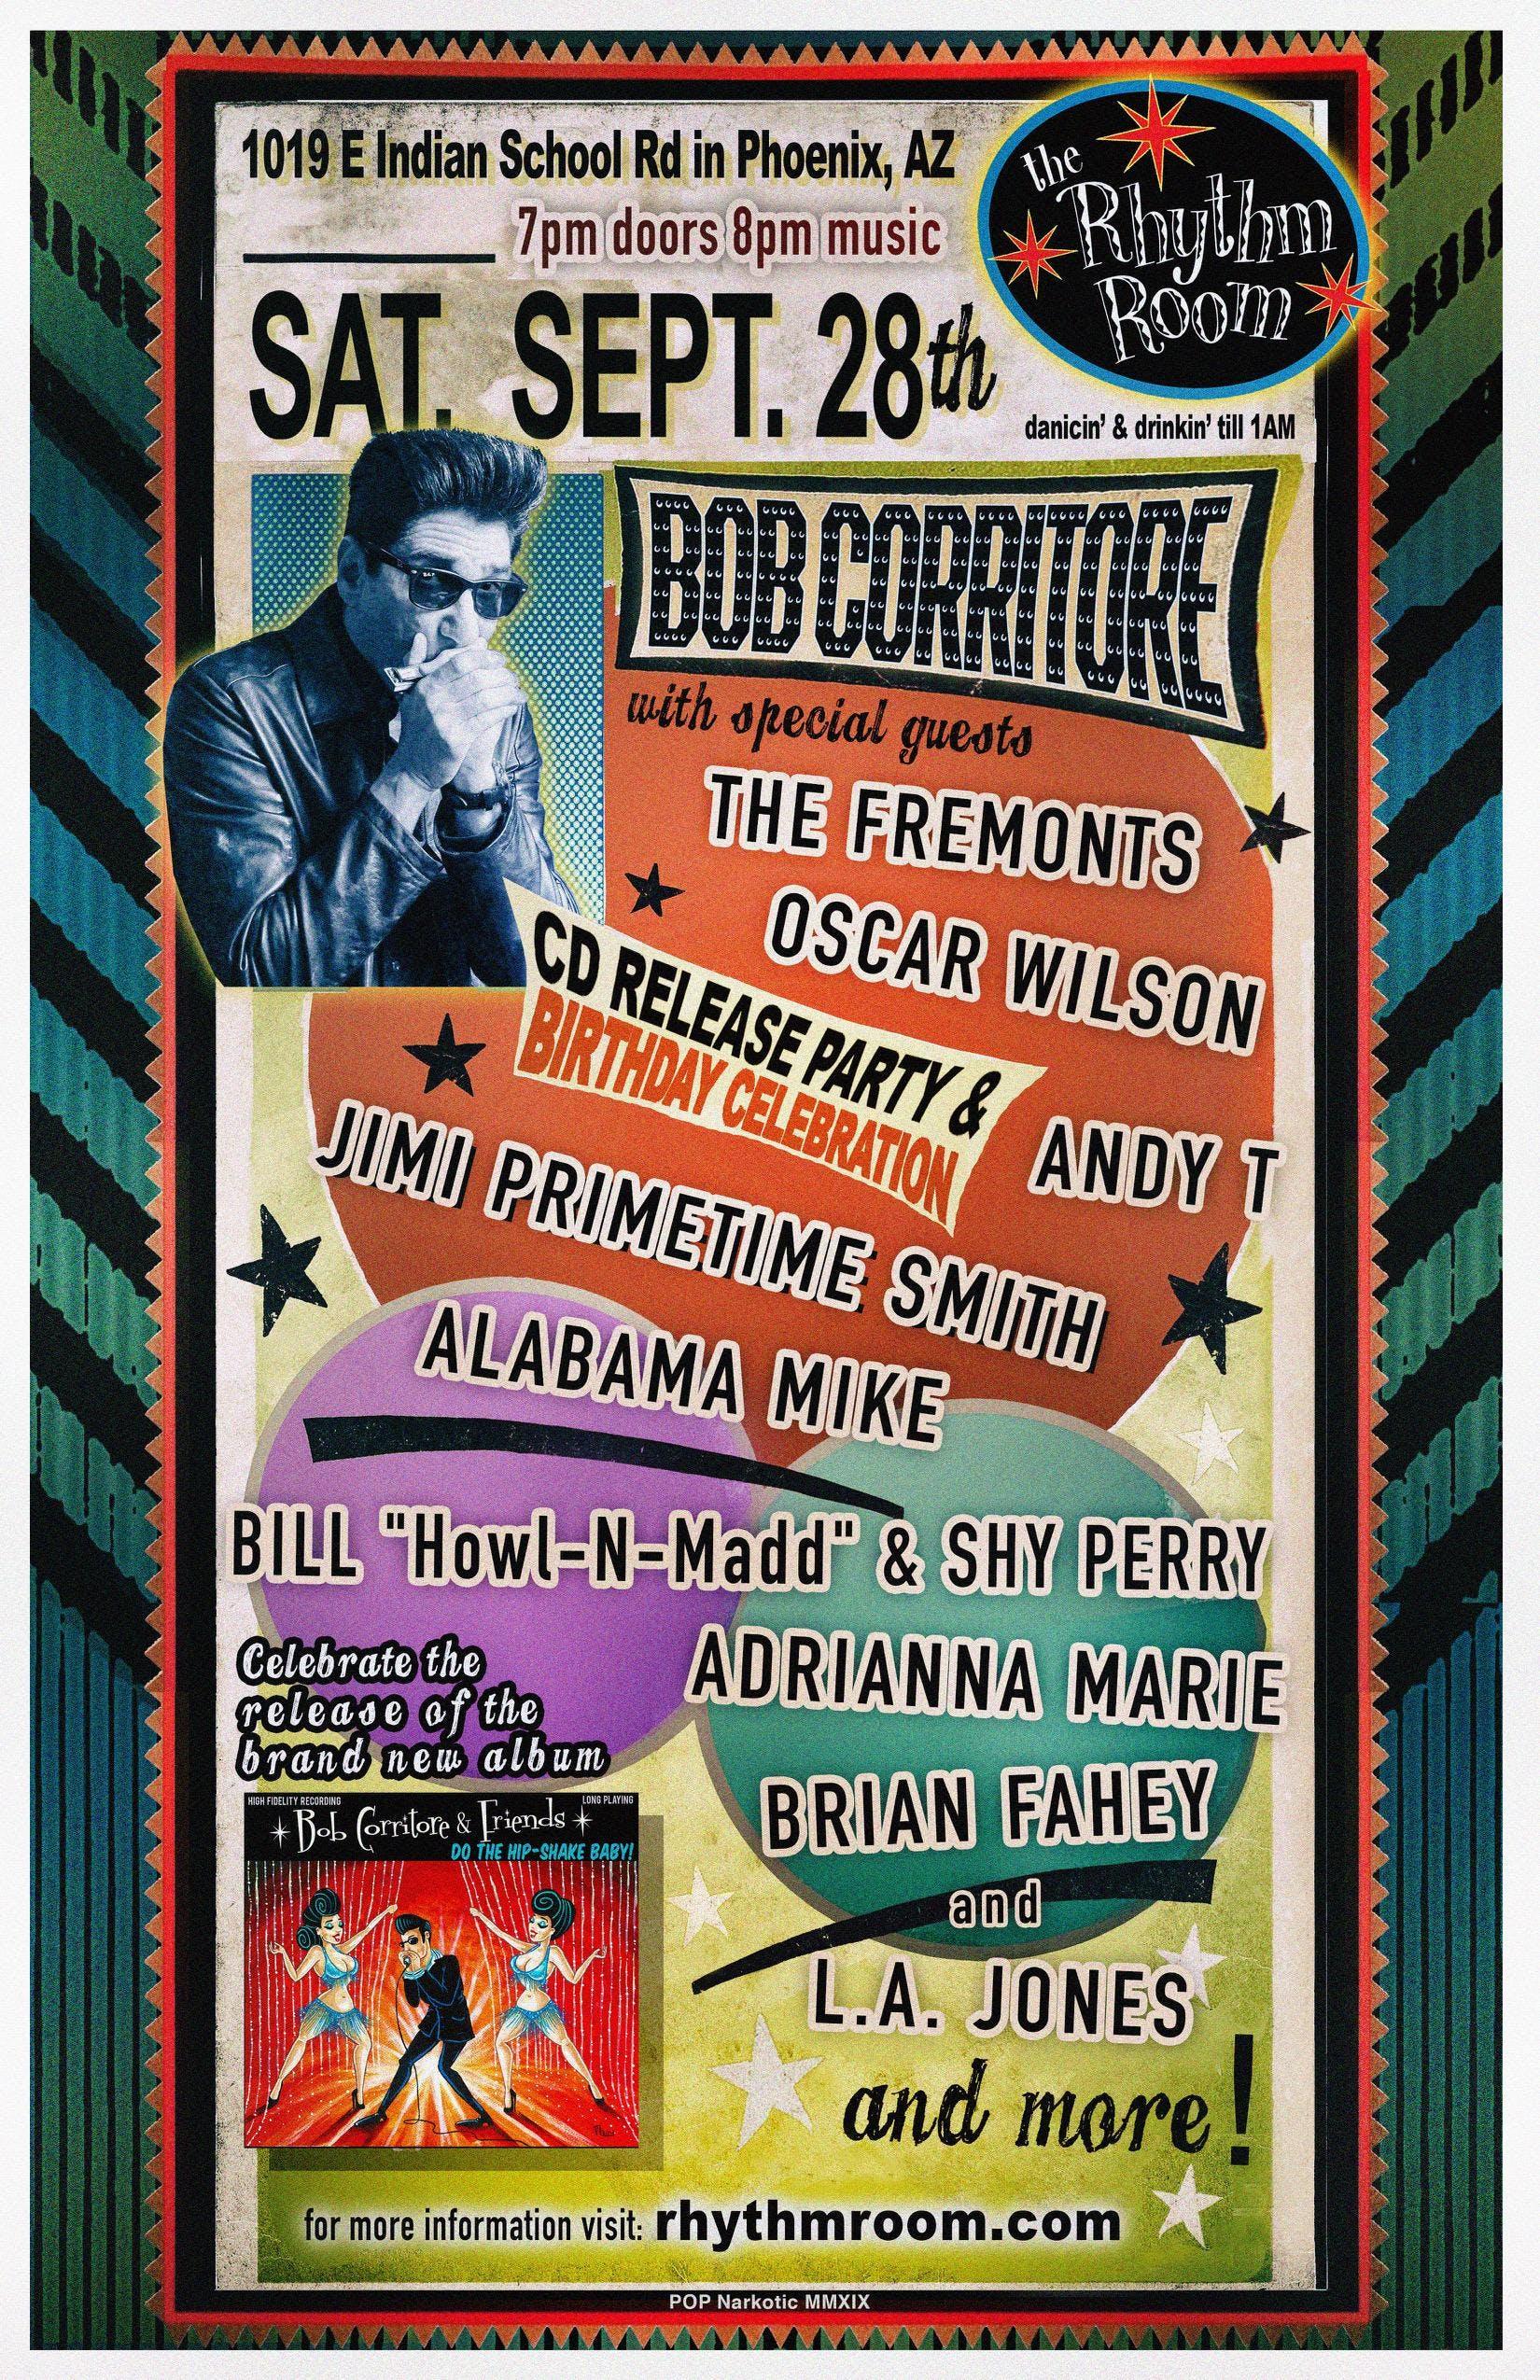 BOB CORRITORE CD RELEASE PARTY & BIRTHDAY CELEBRATION